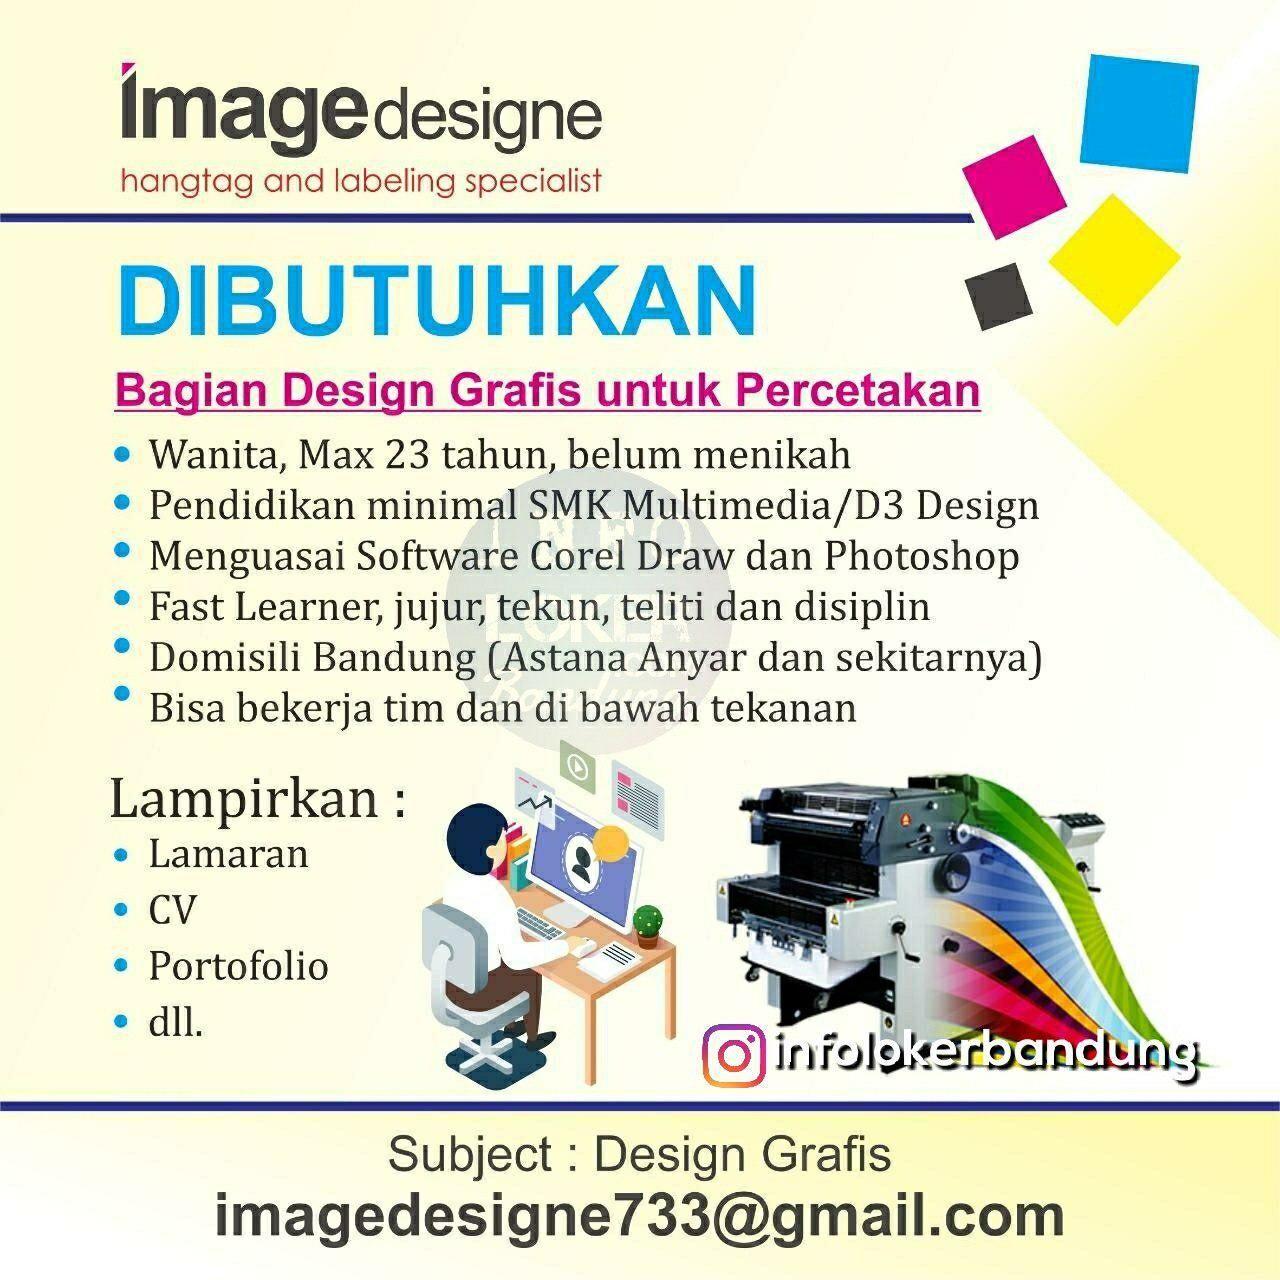 Lowongan Kerja Design Grafis Image Designe Bandung Desember 2018